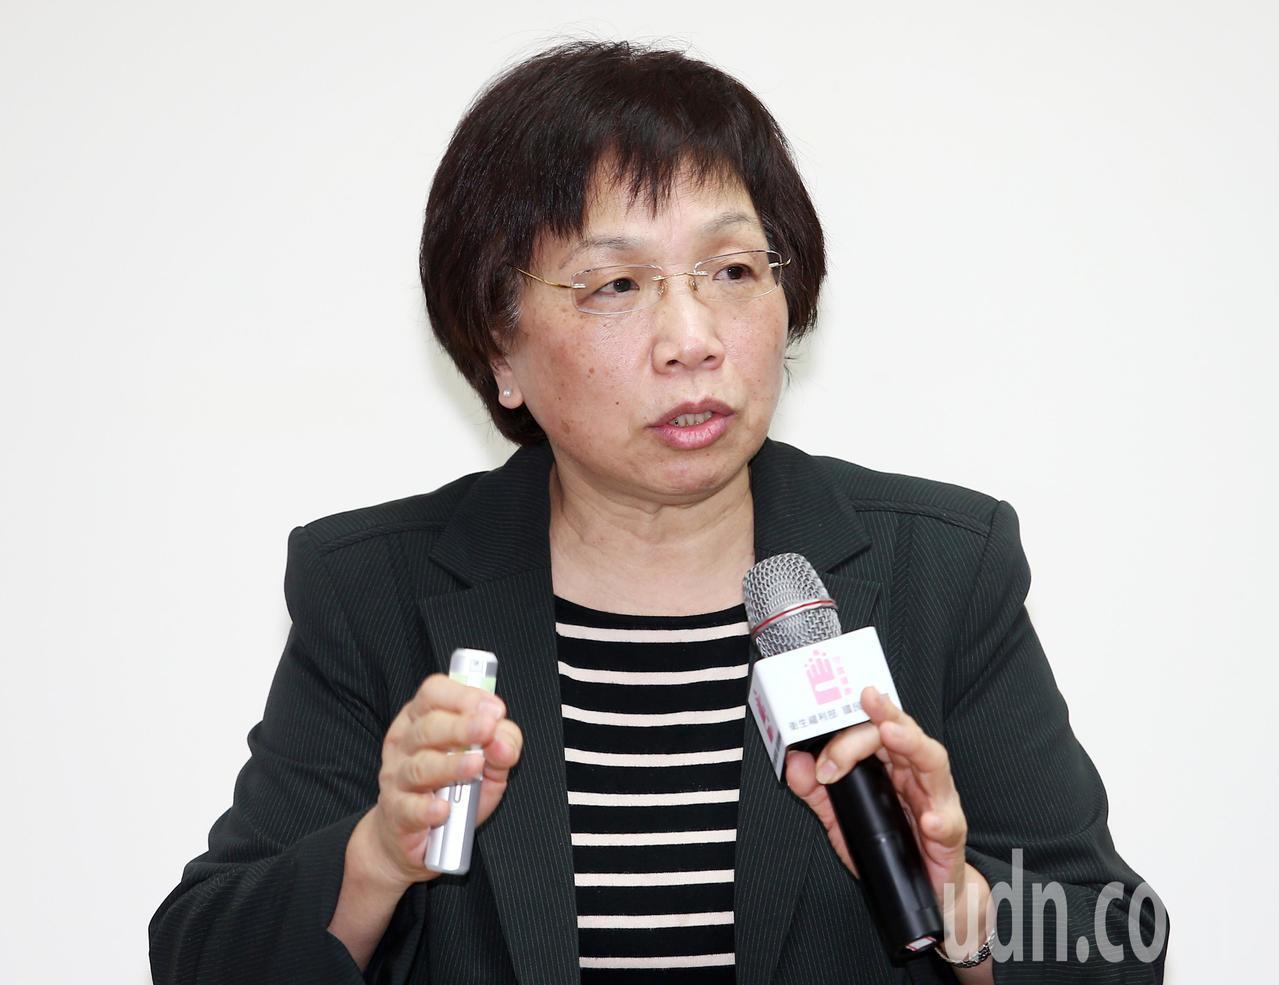 台灣營養學會理事長王果行在記者會上說明107年最新版「每日飲食指南」和舊版不同的...